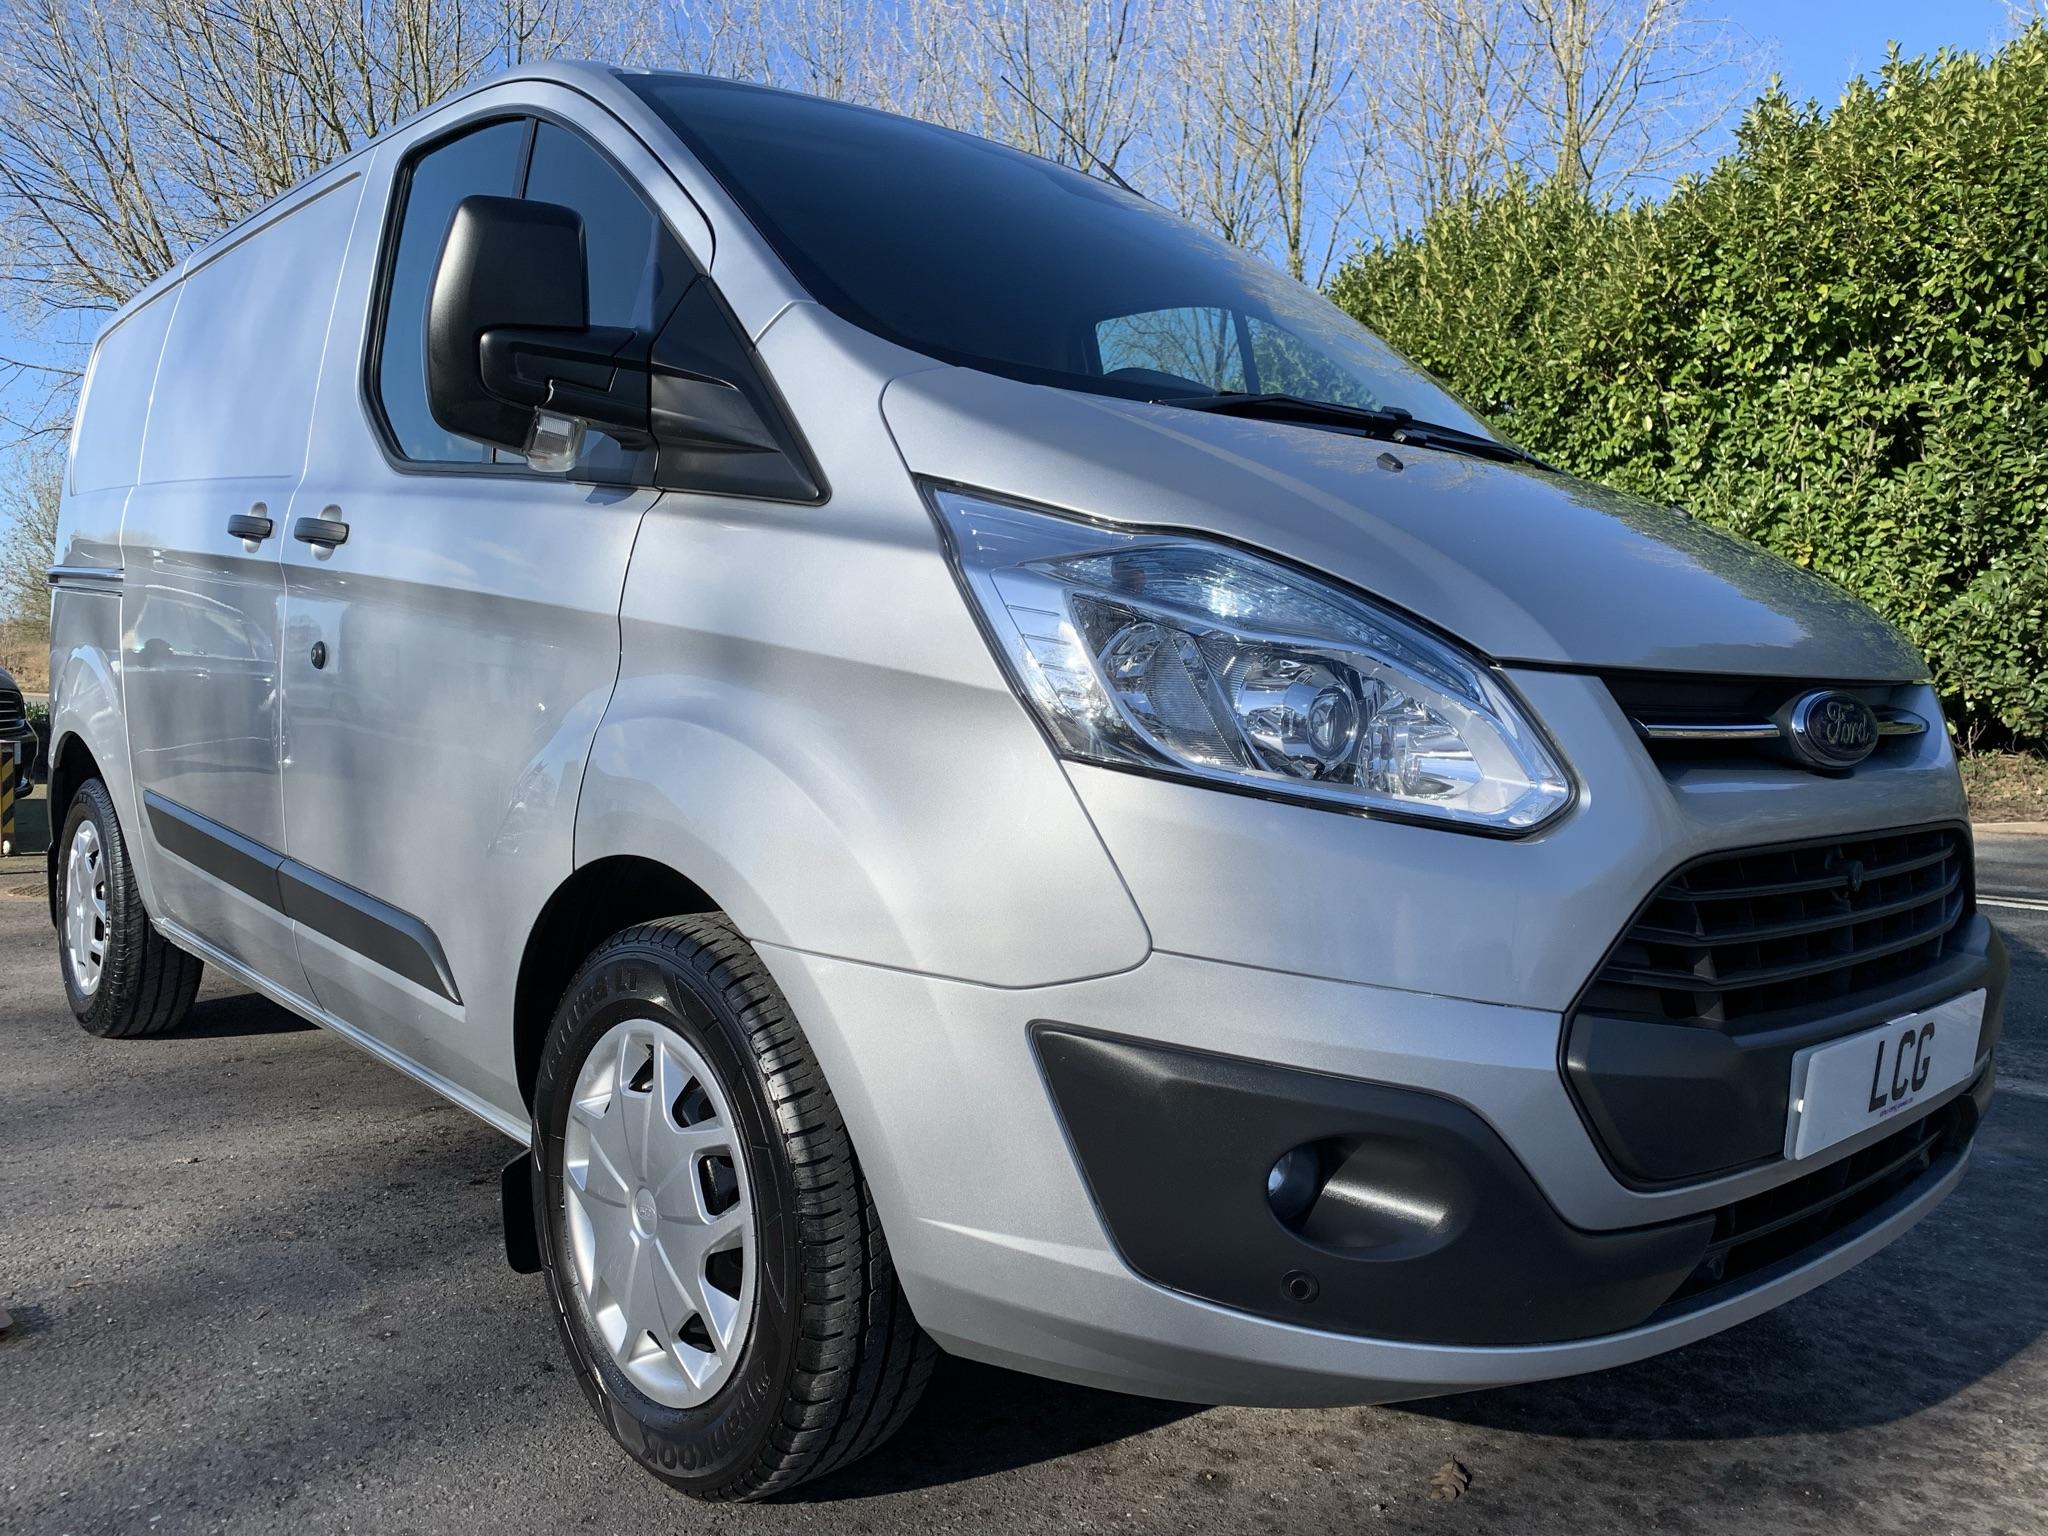 Used Ford Transit Custom L1H1 330 155bhp Panel Van van for sale in Exeter, Devon